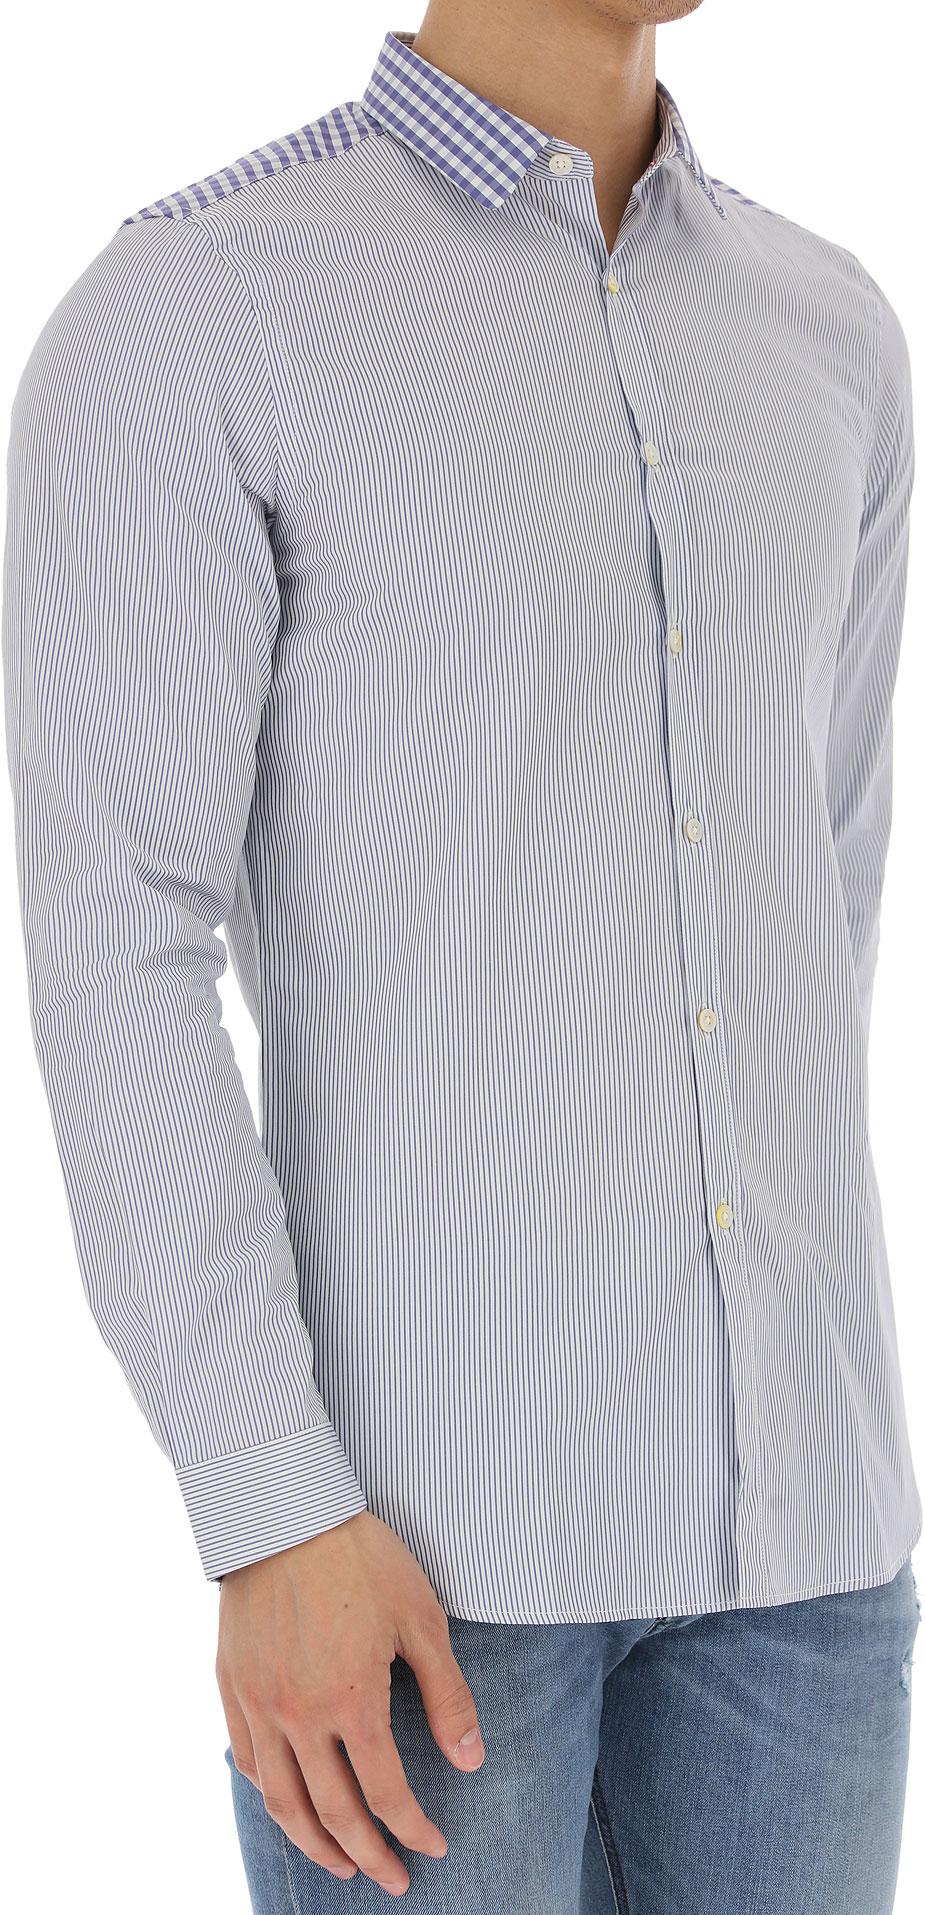 Abbigliamento Uomo Paul Smith, Codice Articolo: pdxc-008l-160